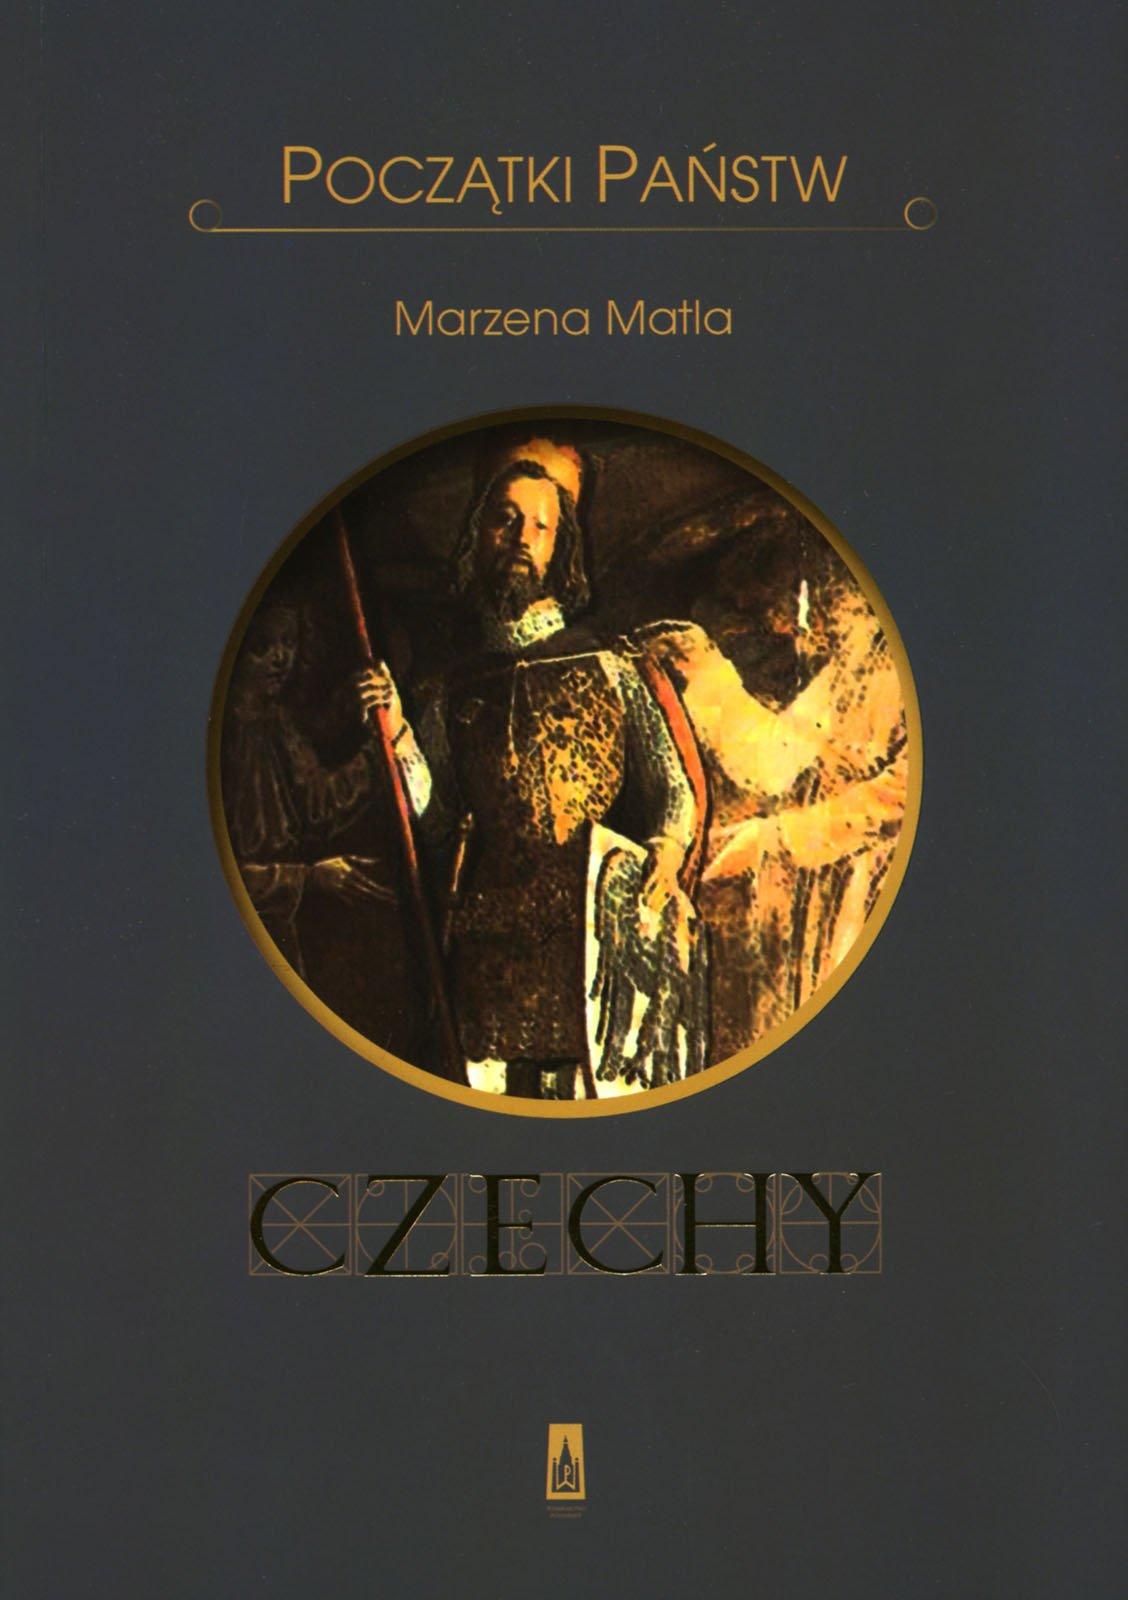 Czechy - Ebook (Książka EPUB) do pobrania w formacie EPUB